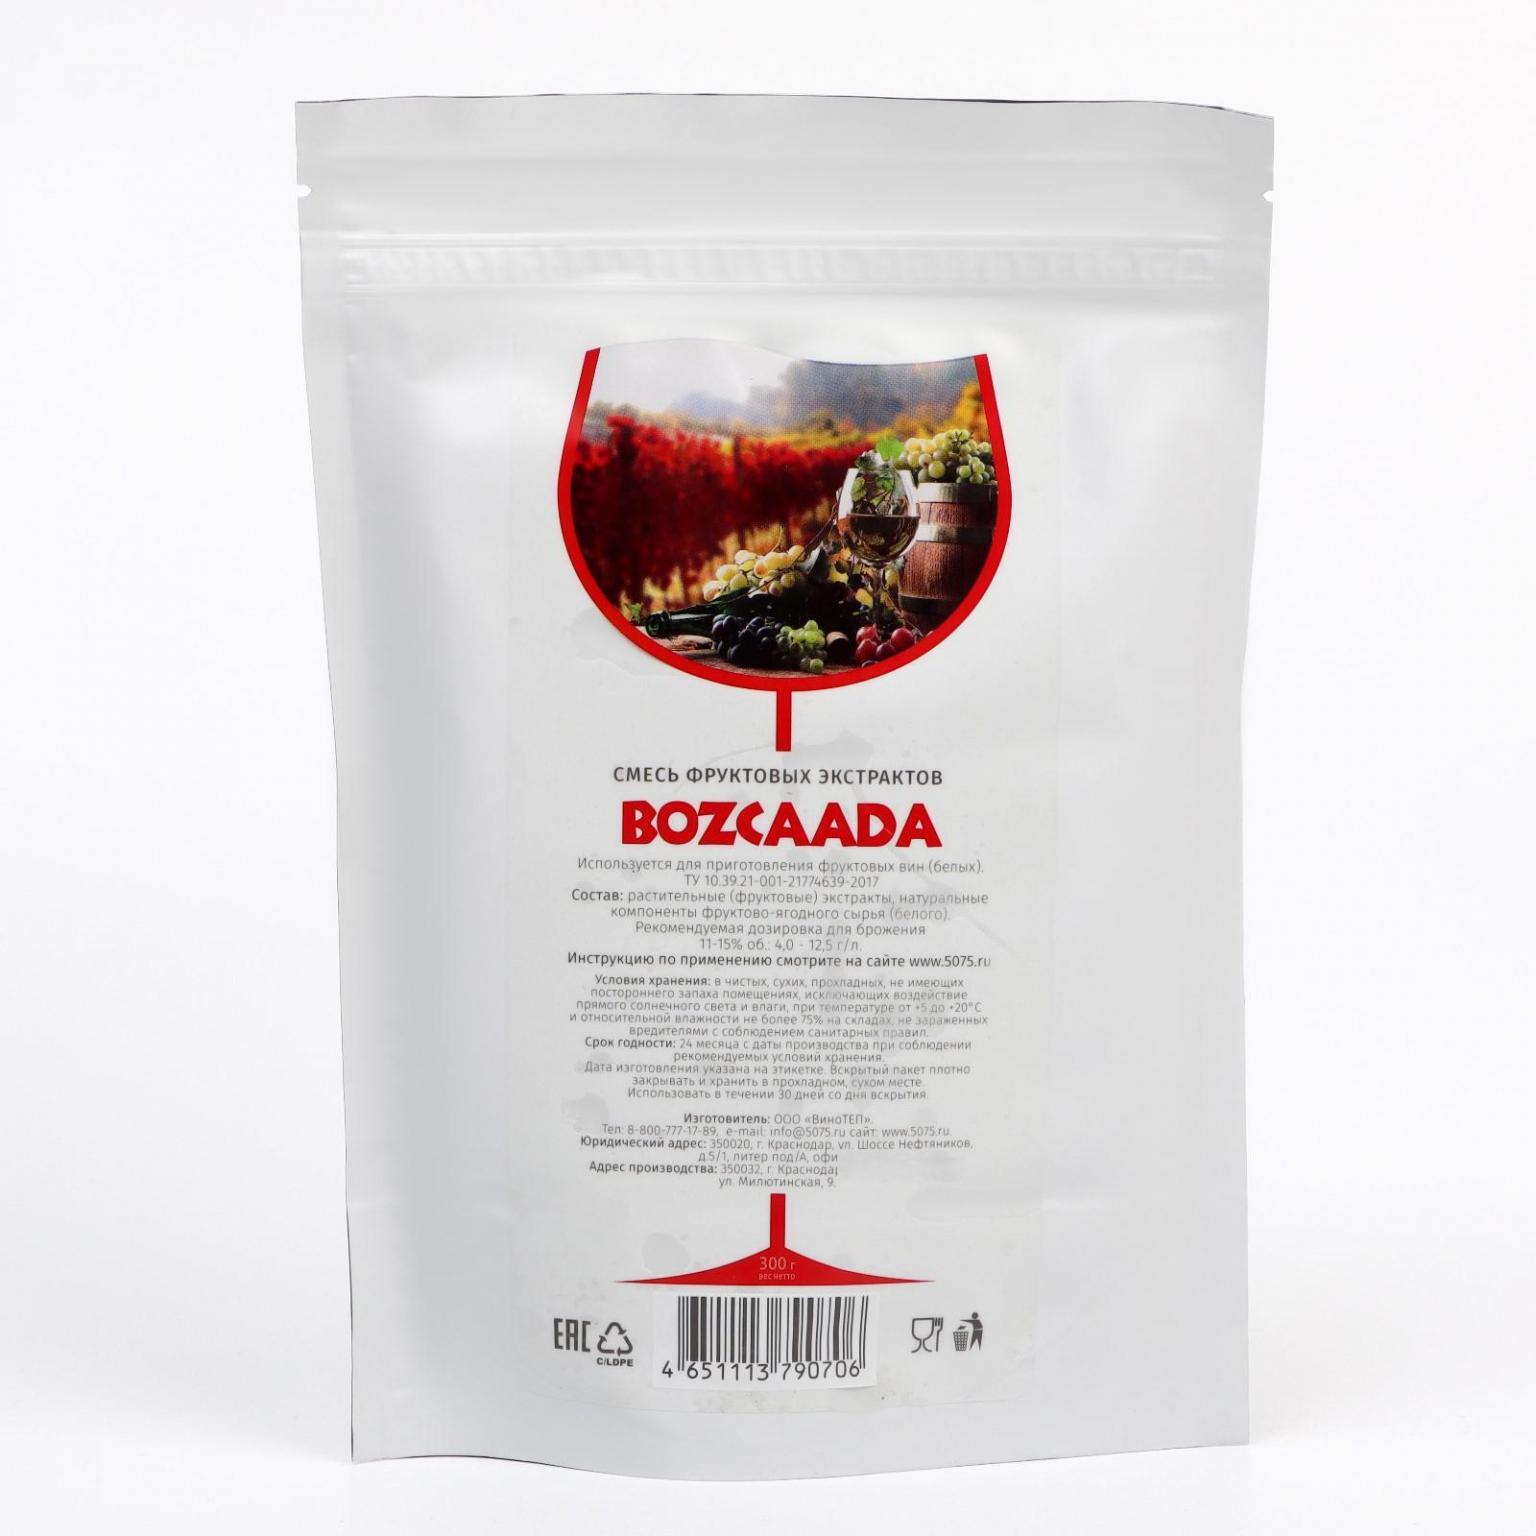 Смесь фруктовых экстрактов Bozcaada для изготовления белого вина, 300 г